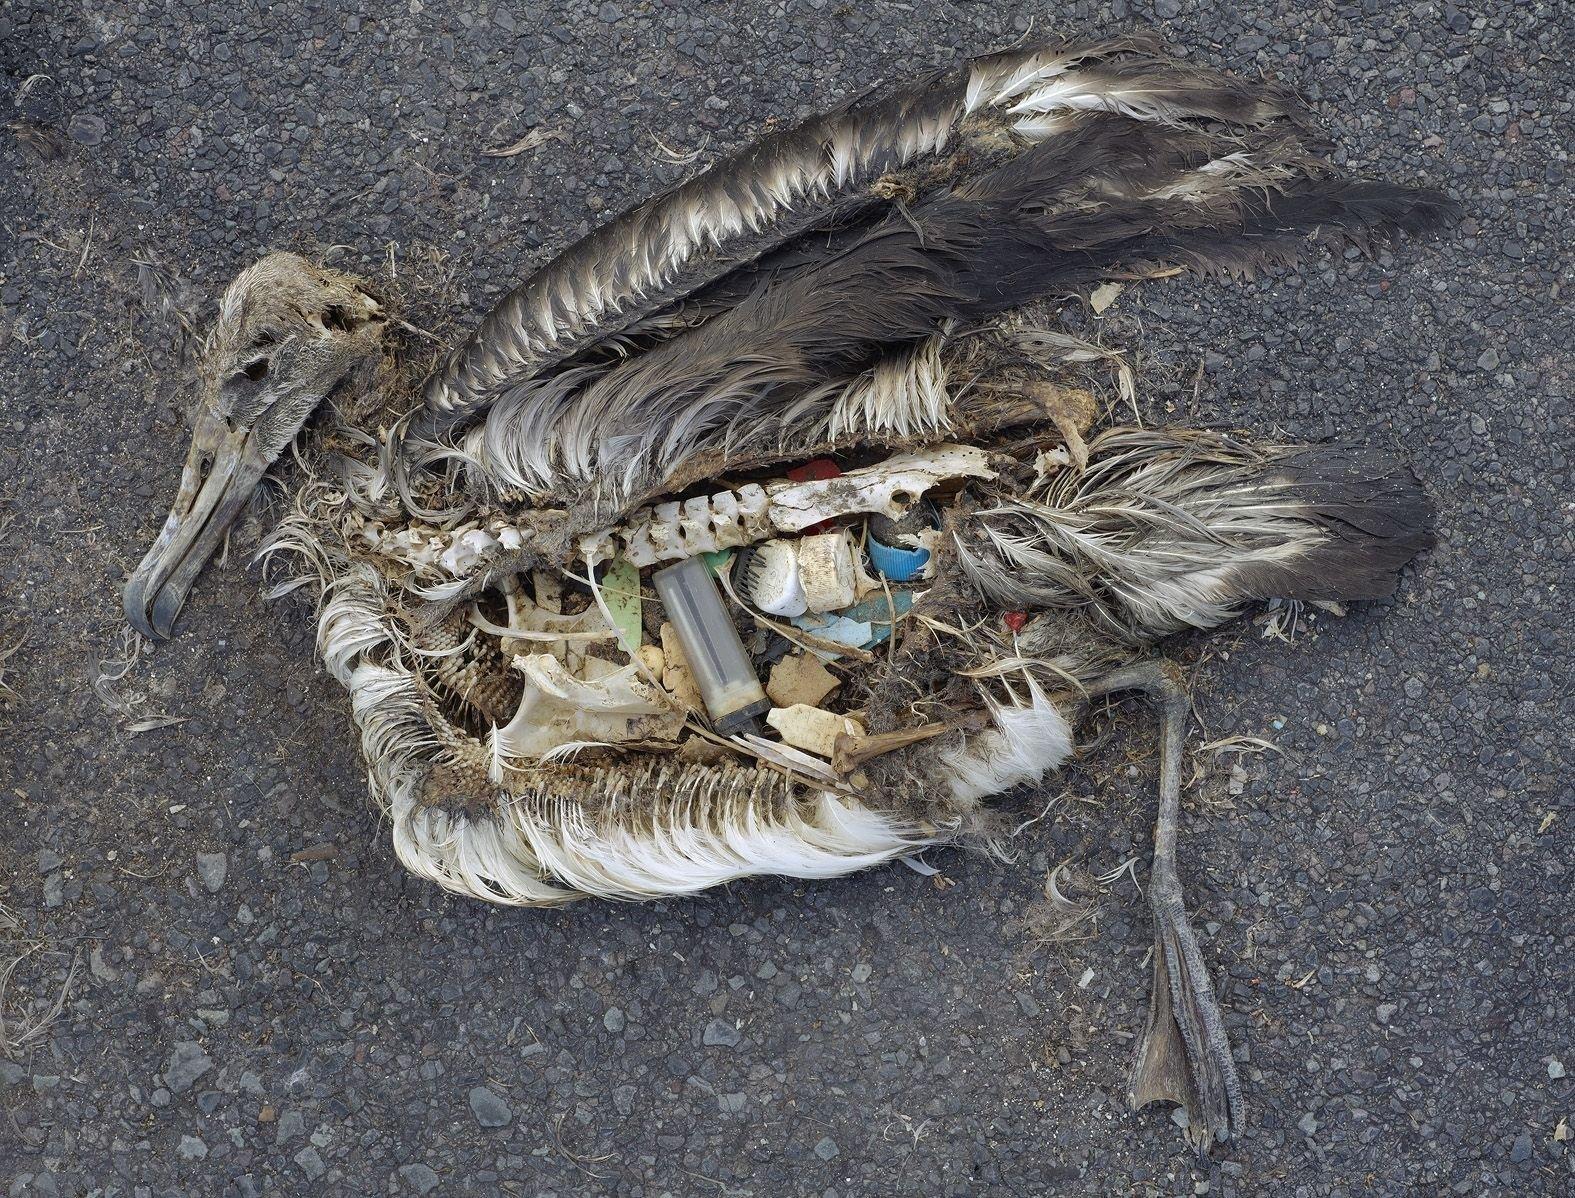 Albatros muerto disecándose; los desechos de plástico que había digerido permanecen.